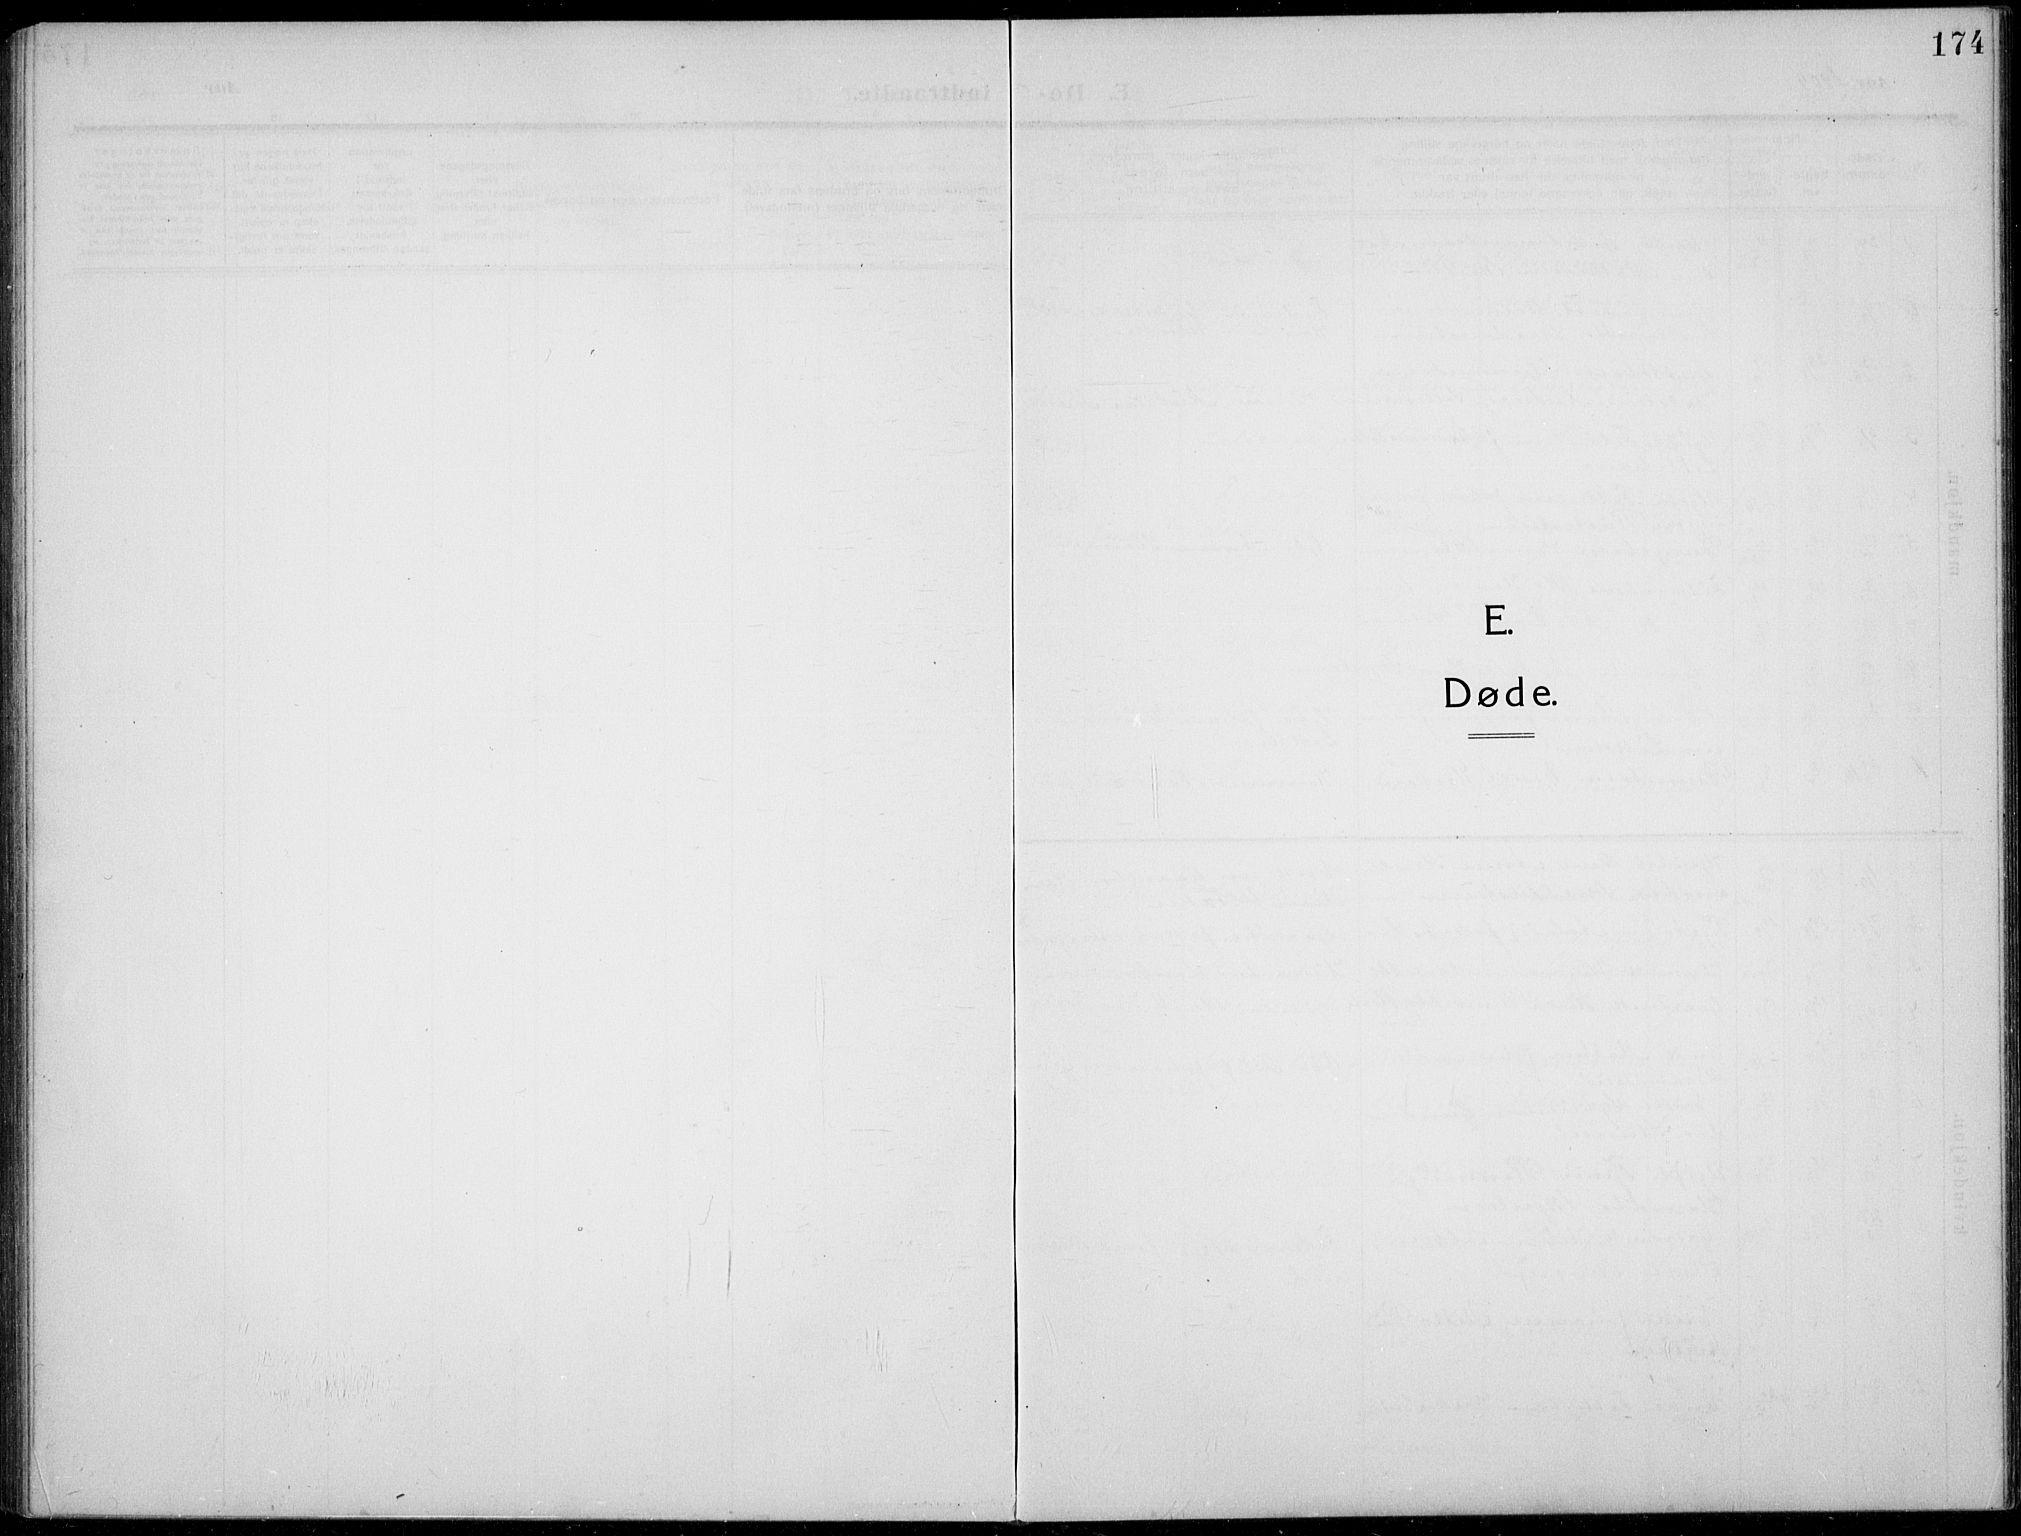 SAH, Nordre Land prestekontor, Klokkerbok nr. 2, 1909-1934, s. 174